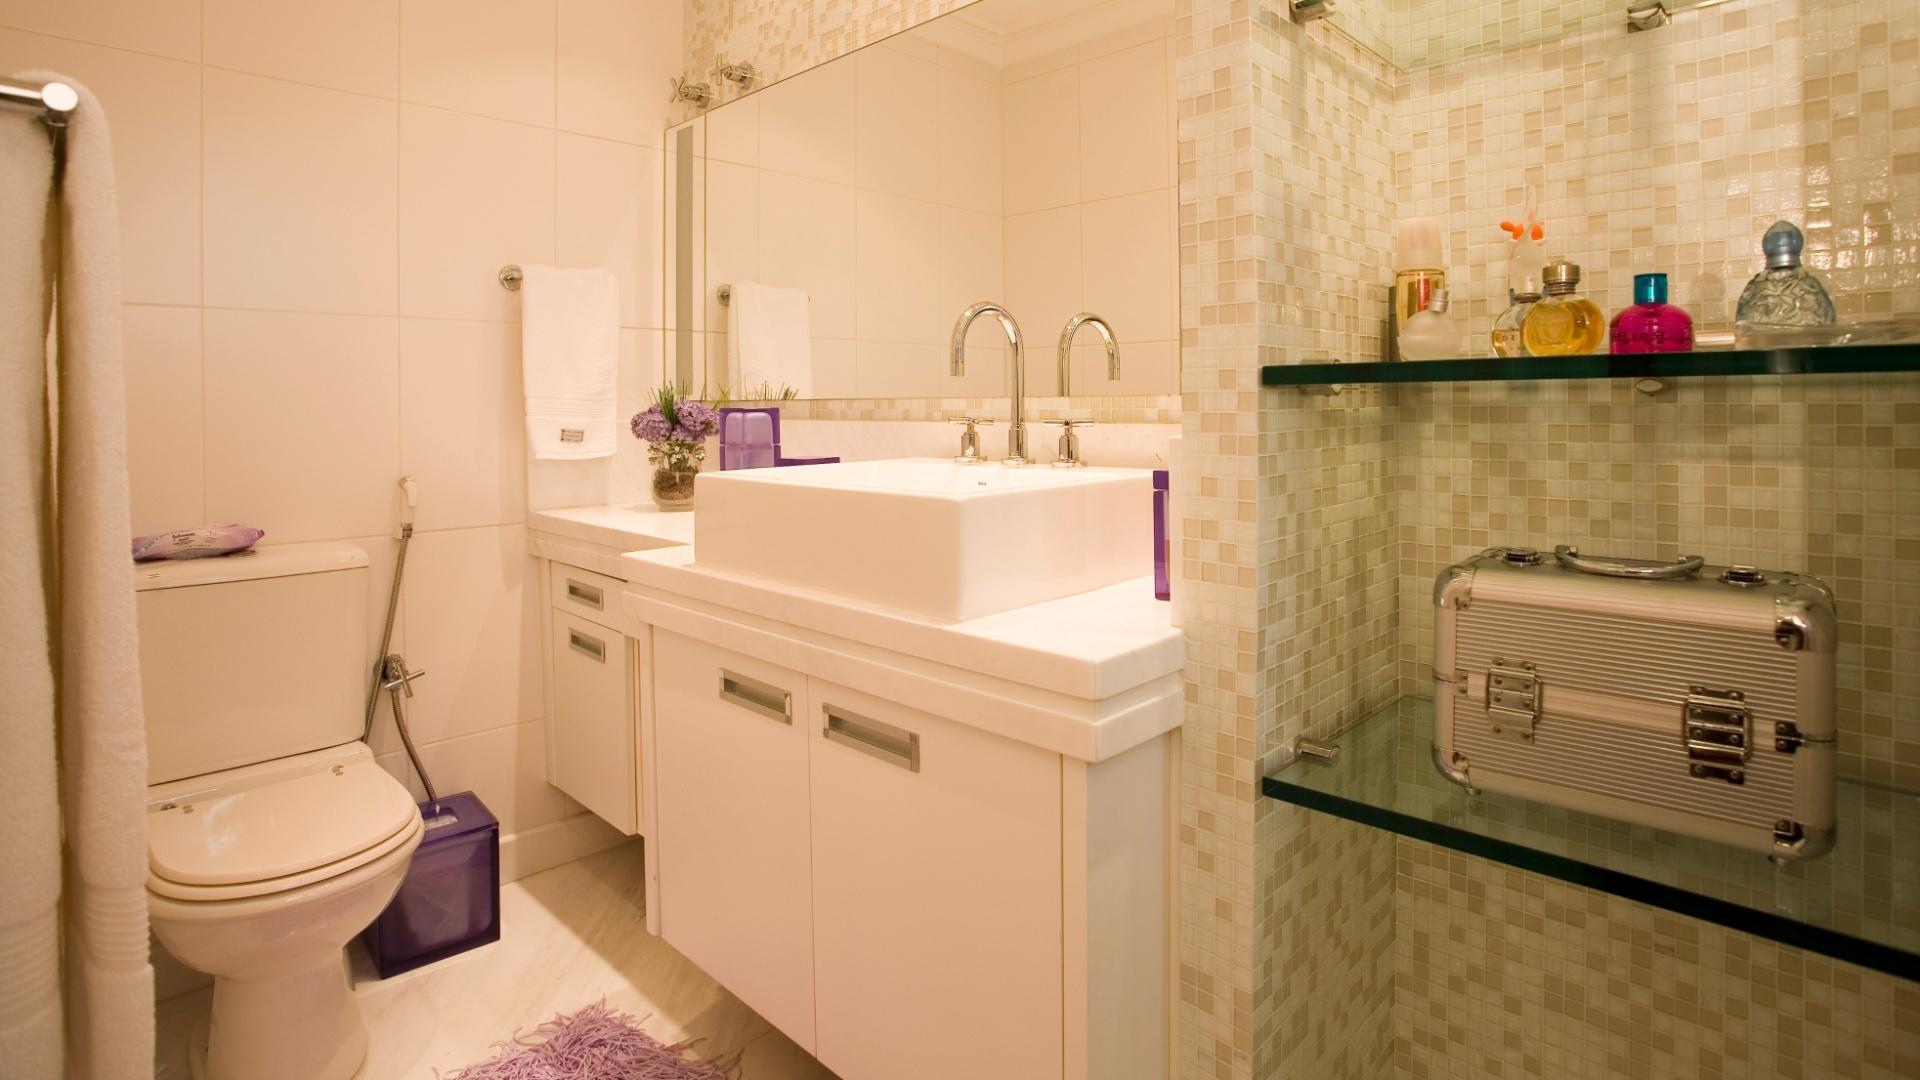 Imagens de #B3163D decorar banheiro pequeno gastando pouco:Banheiros pequenos: dicas de  1920x1080 px 3604 Banheiros Super Simples